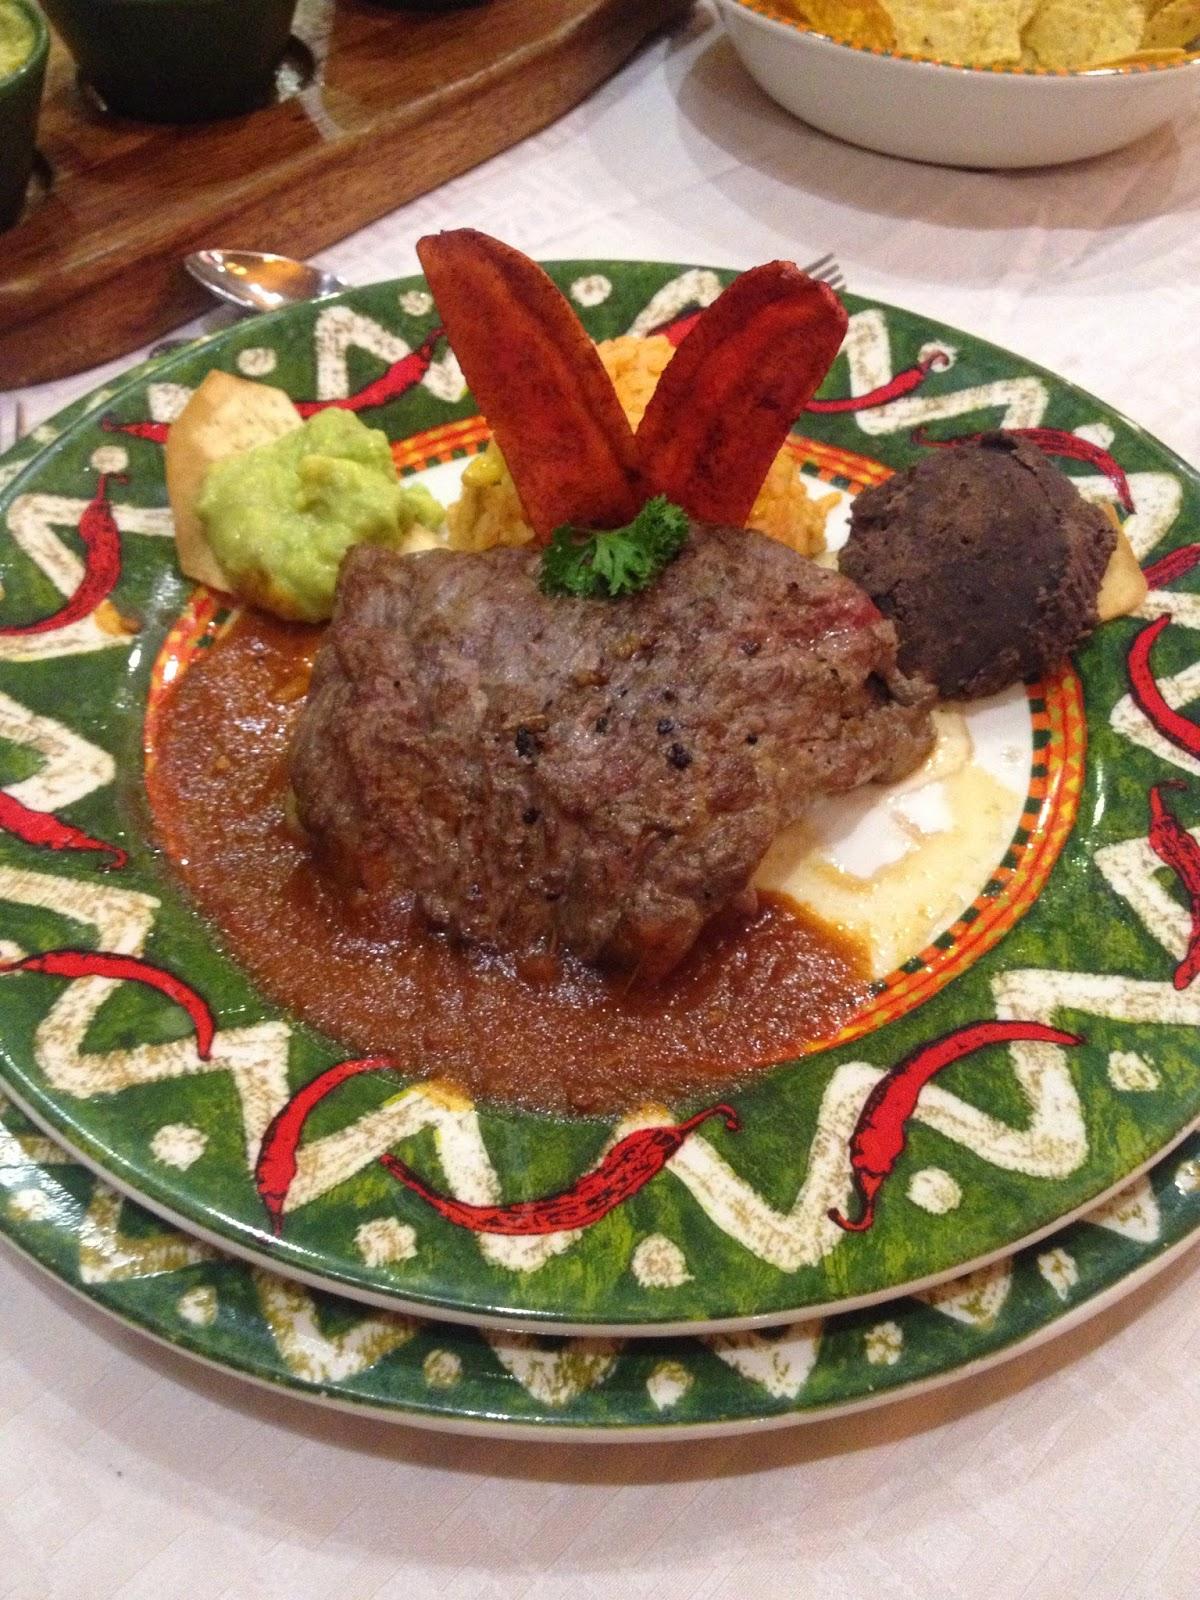 メキシカンのステーキ。ピリ辛で美味しかった。